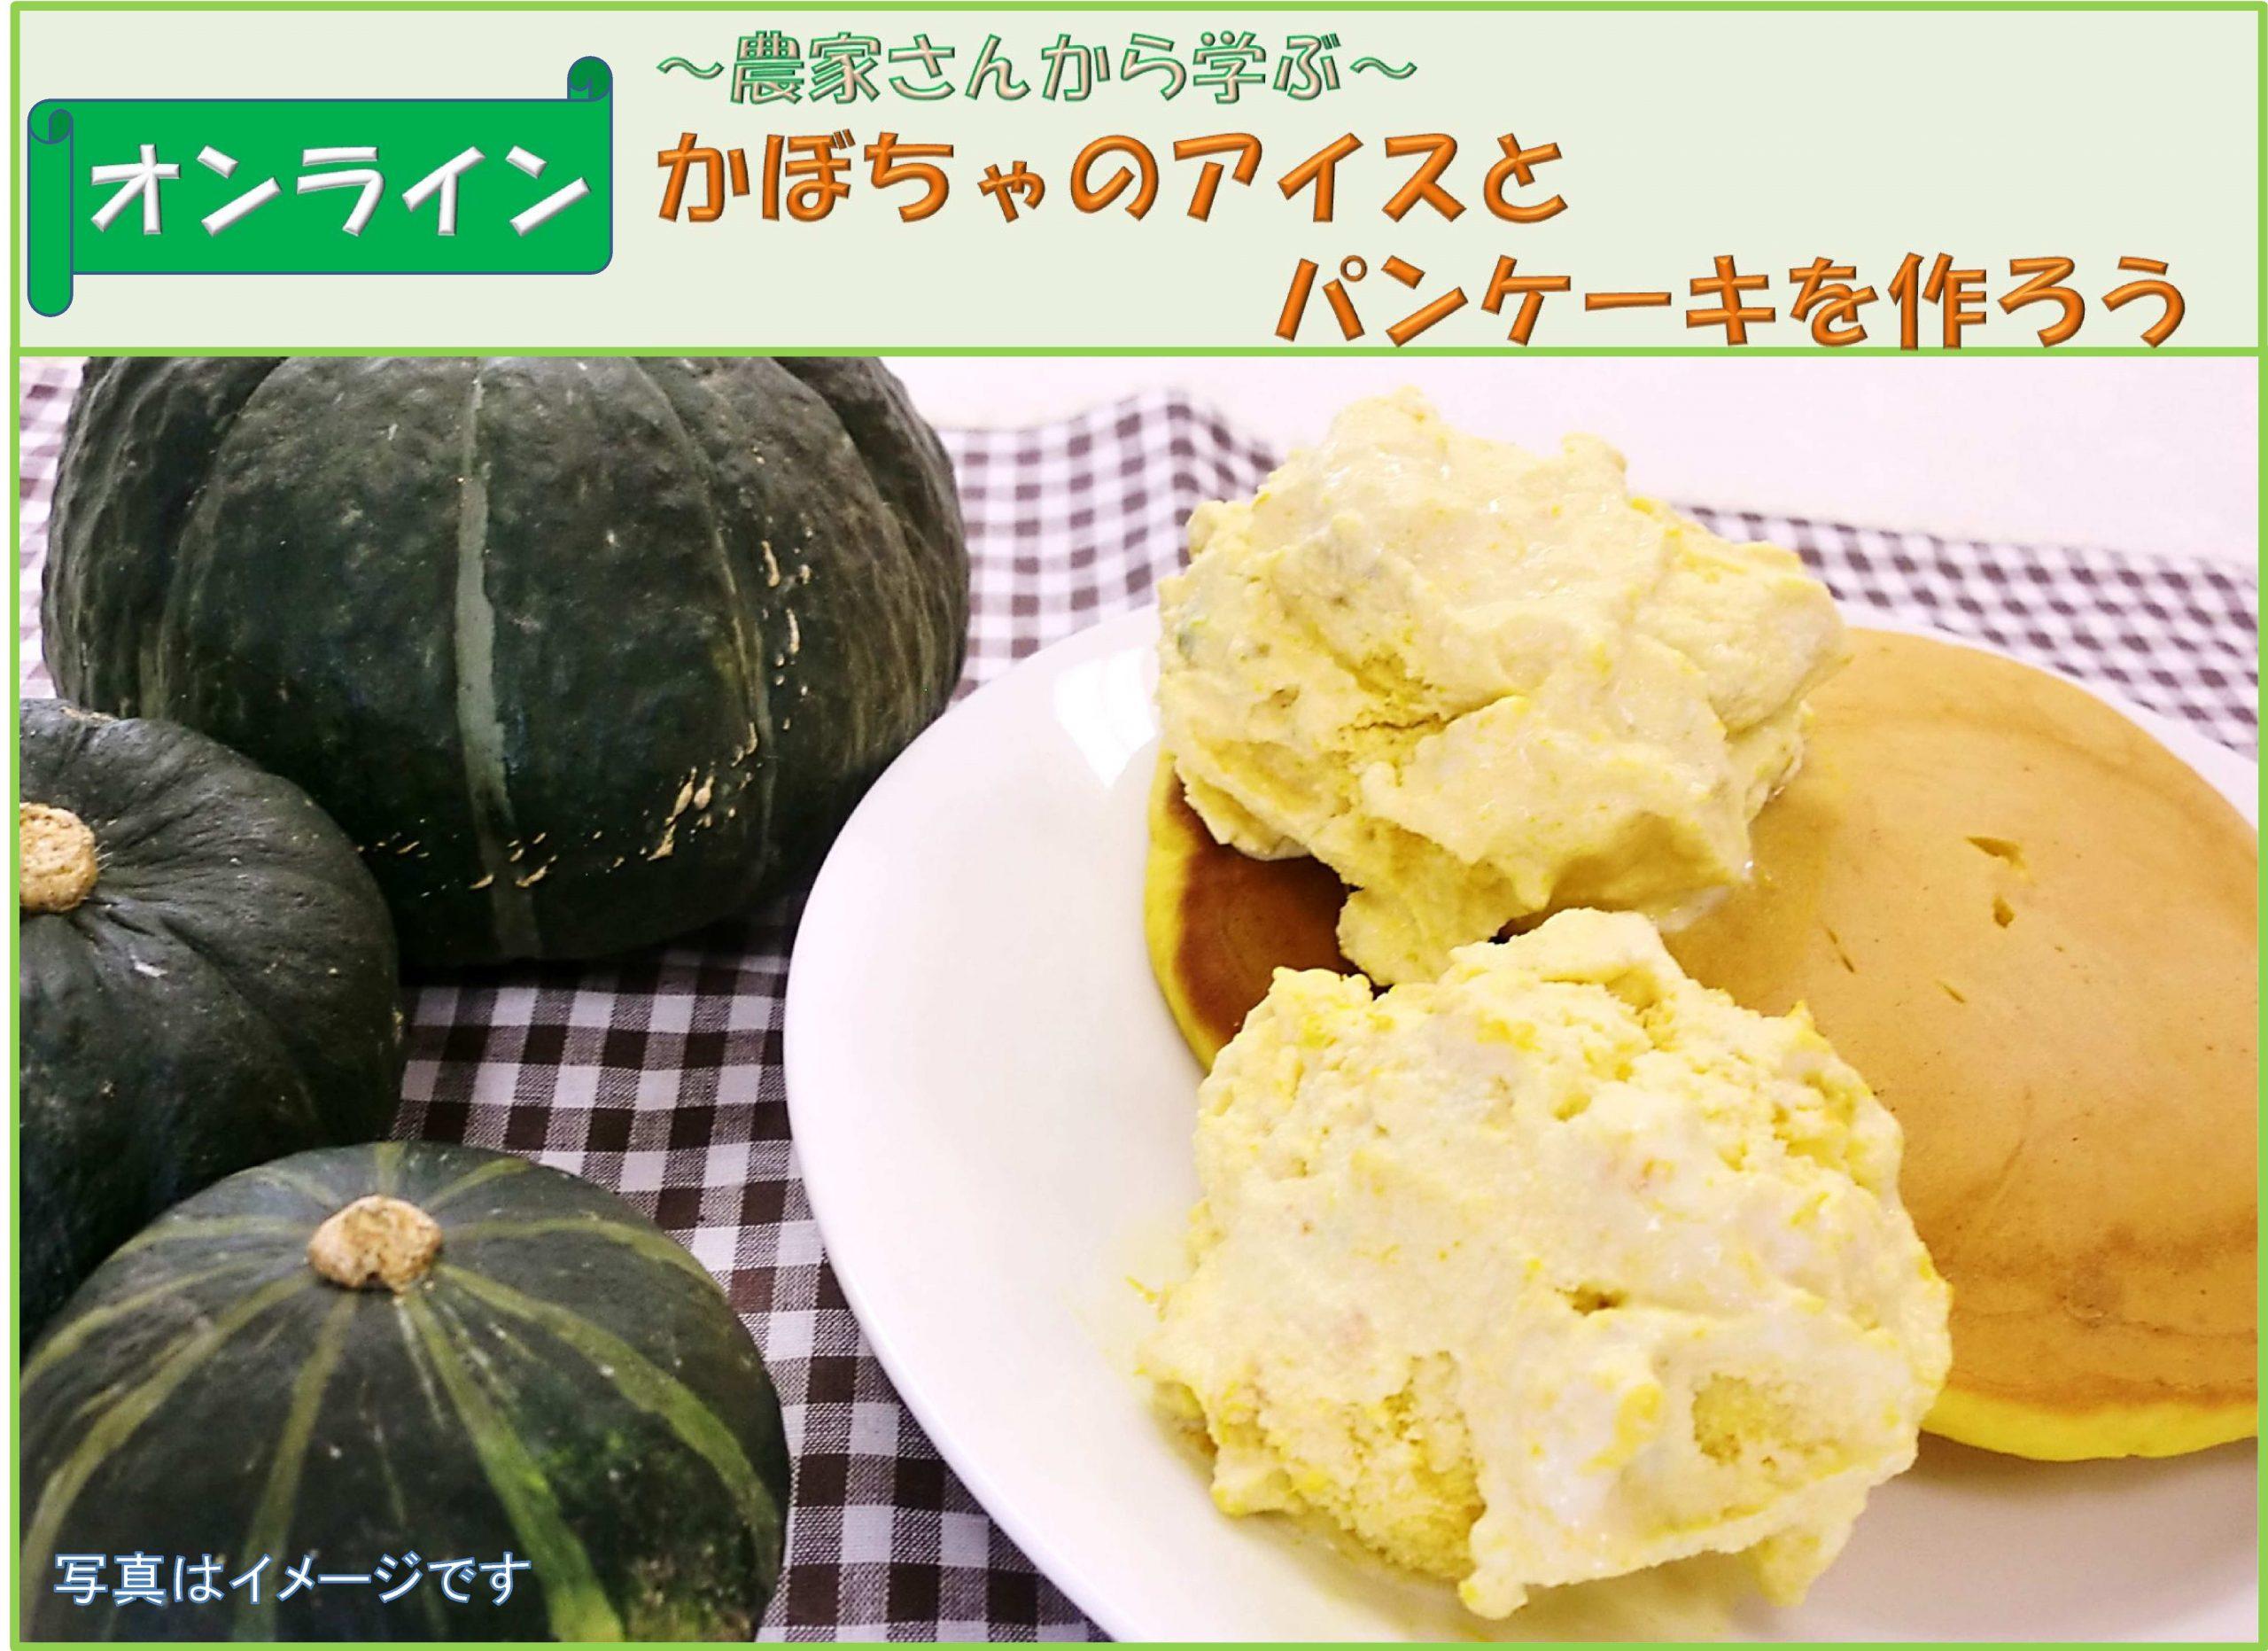 【オンライン】~農家さんから学ぶ~ かぼちゃのアイスとパンケーキを作ろう